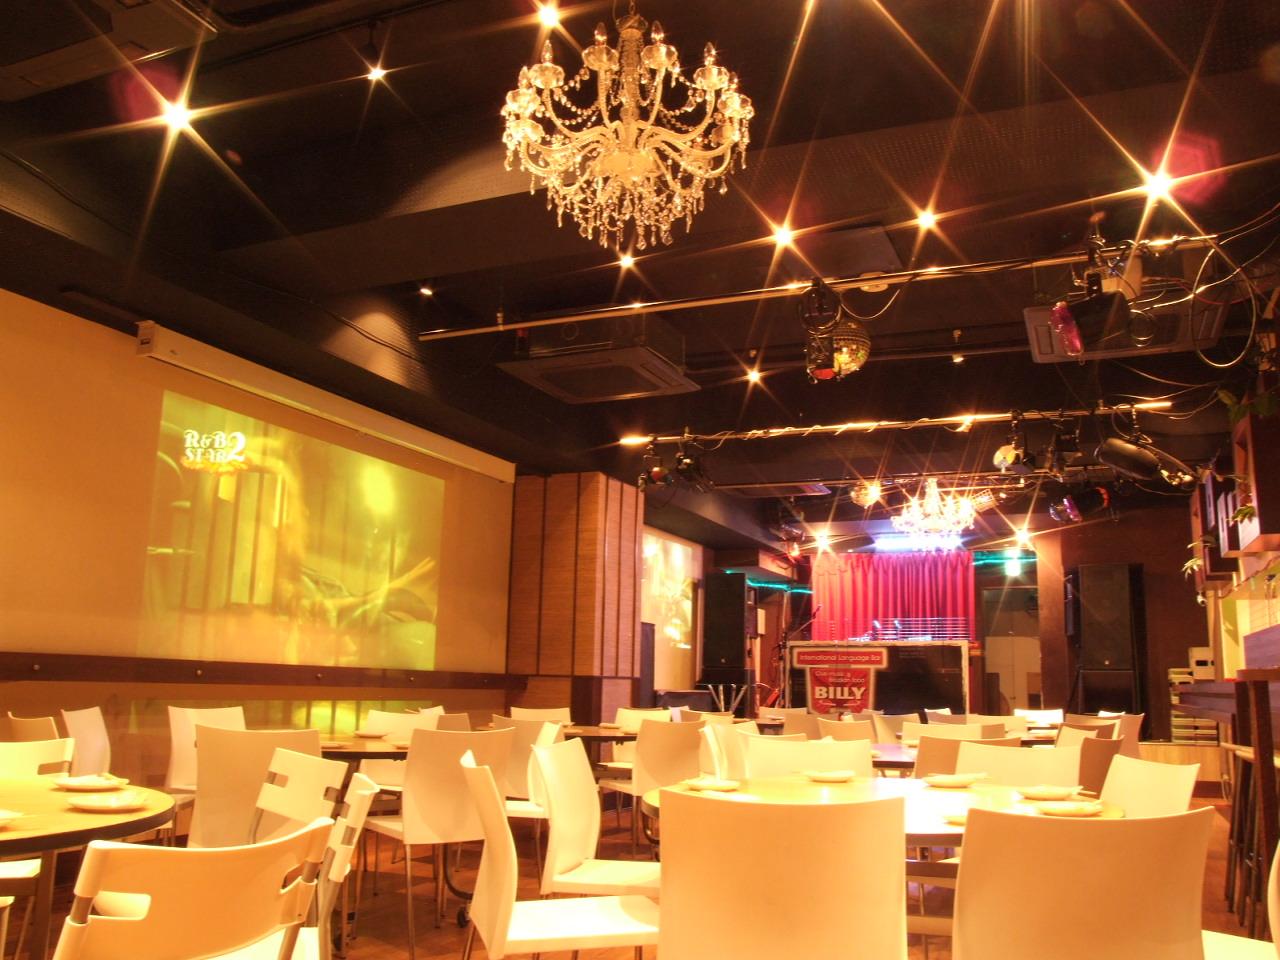 京都結婚式二次会や貸切パーティー【DINING BAR LUCA / BILLY 】